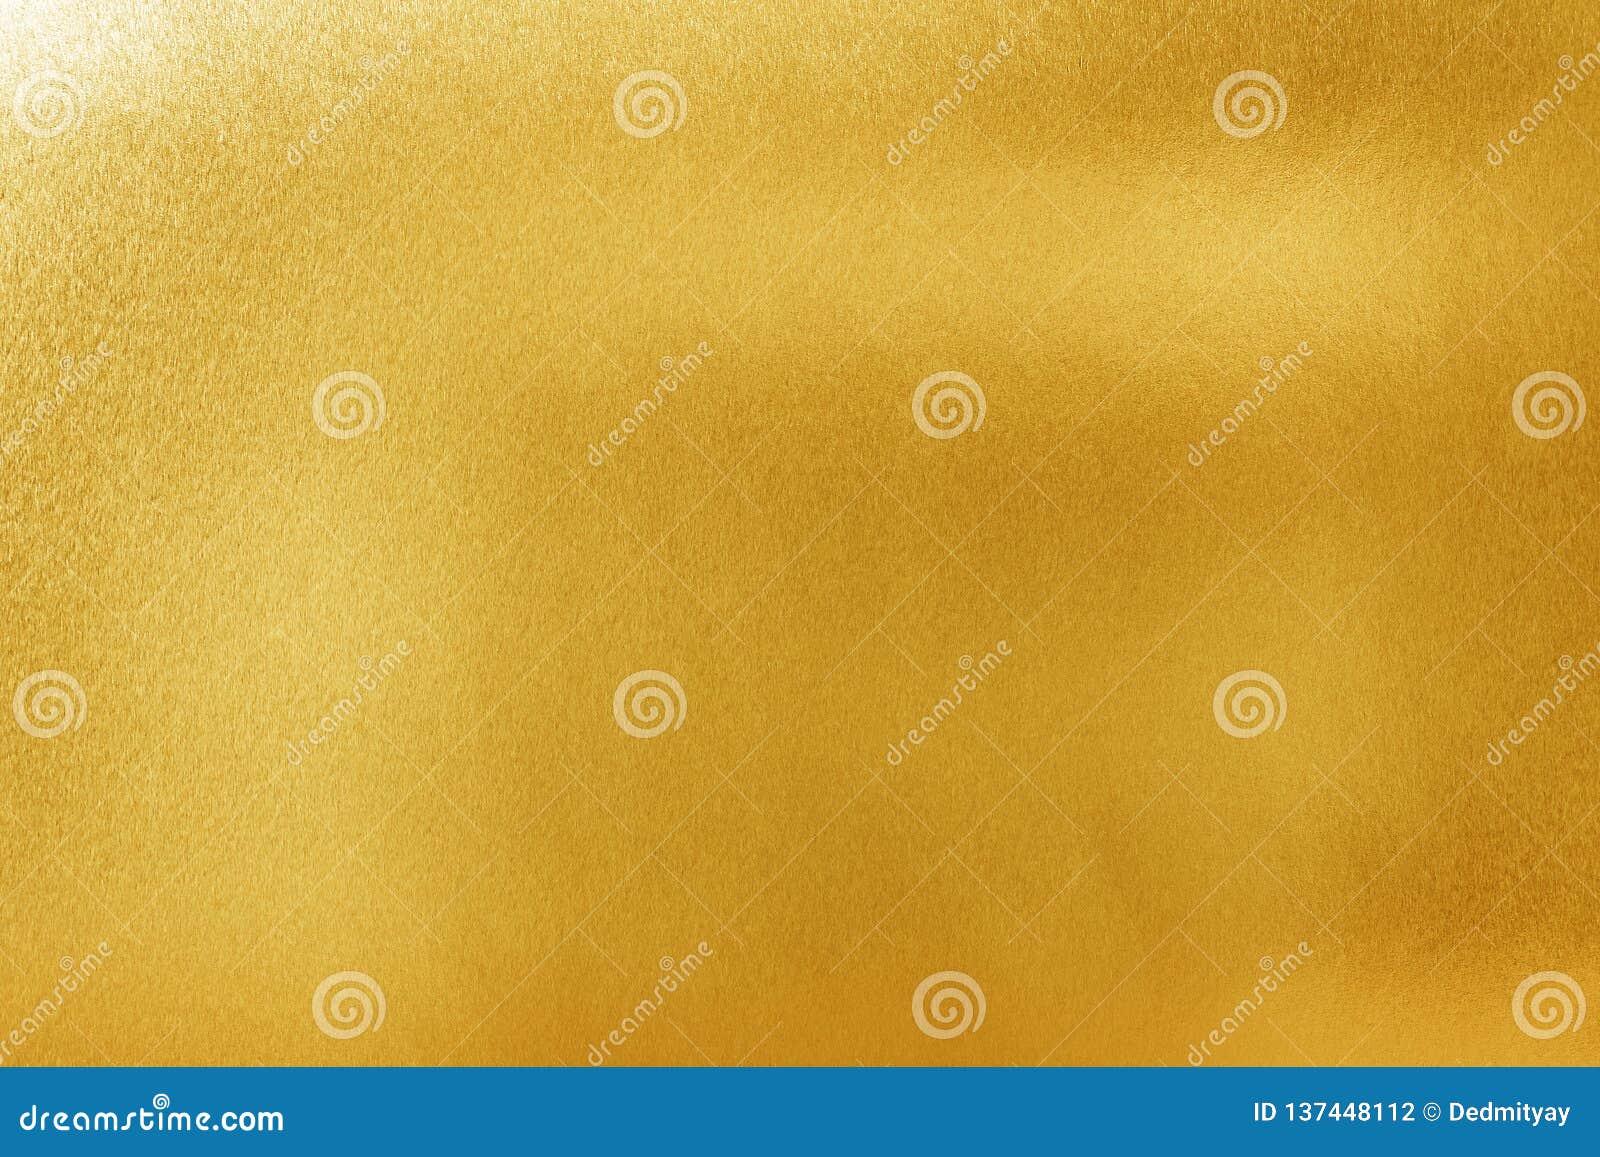 предпосылка текстуры золота для дизайна Сияющий желтого материал металла или поверхности фольги